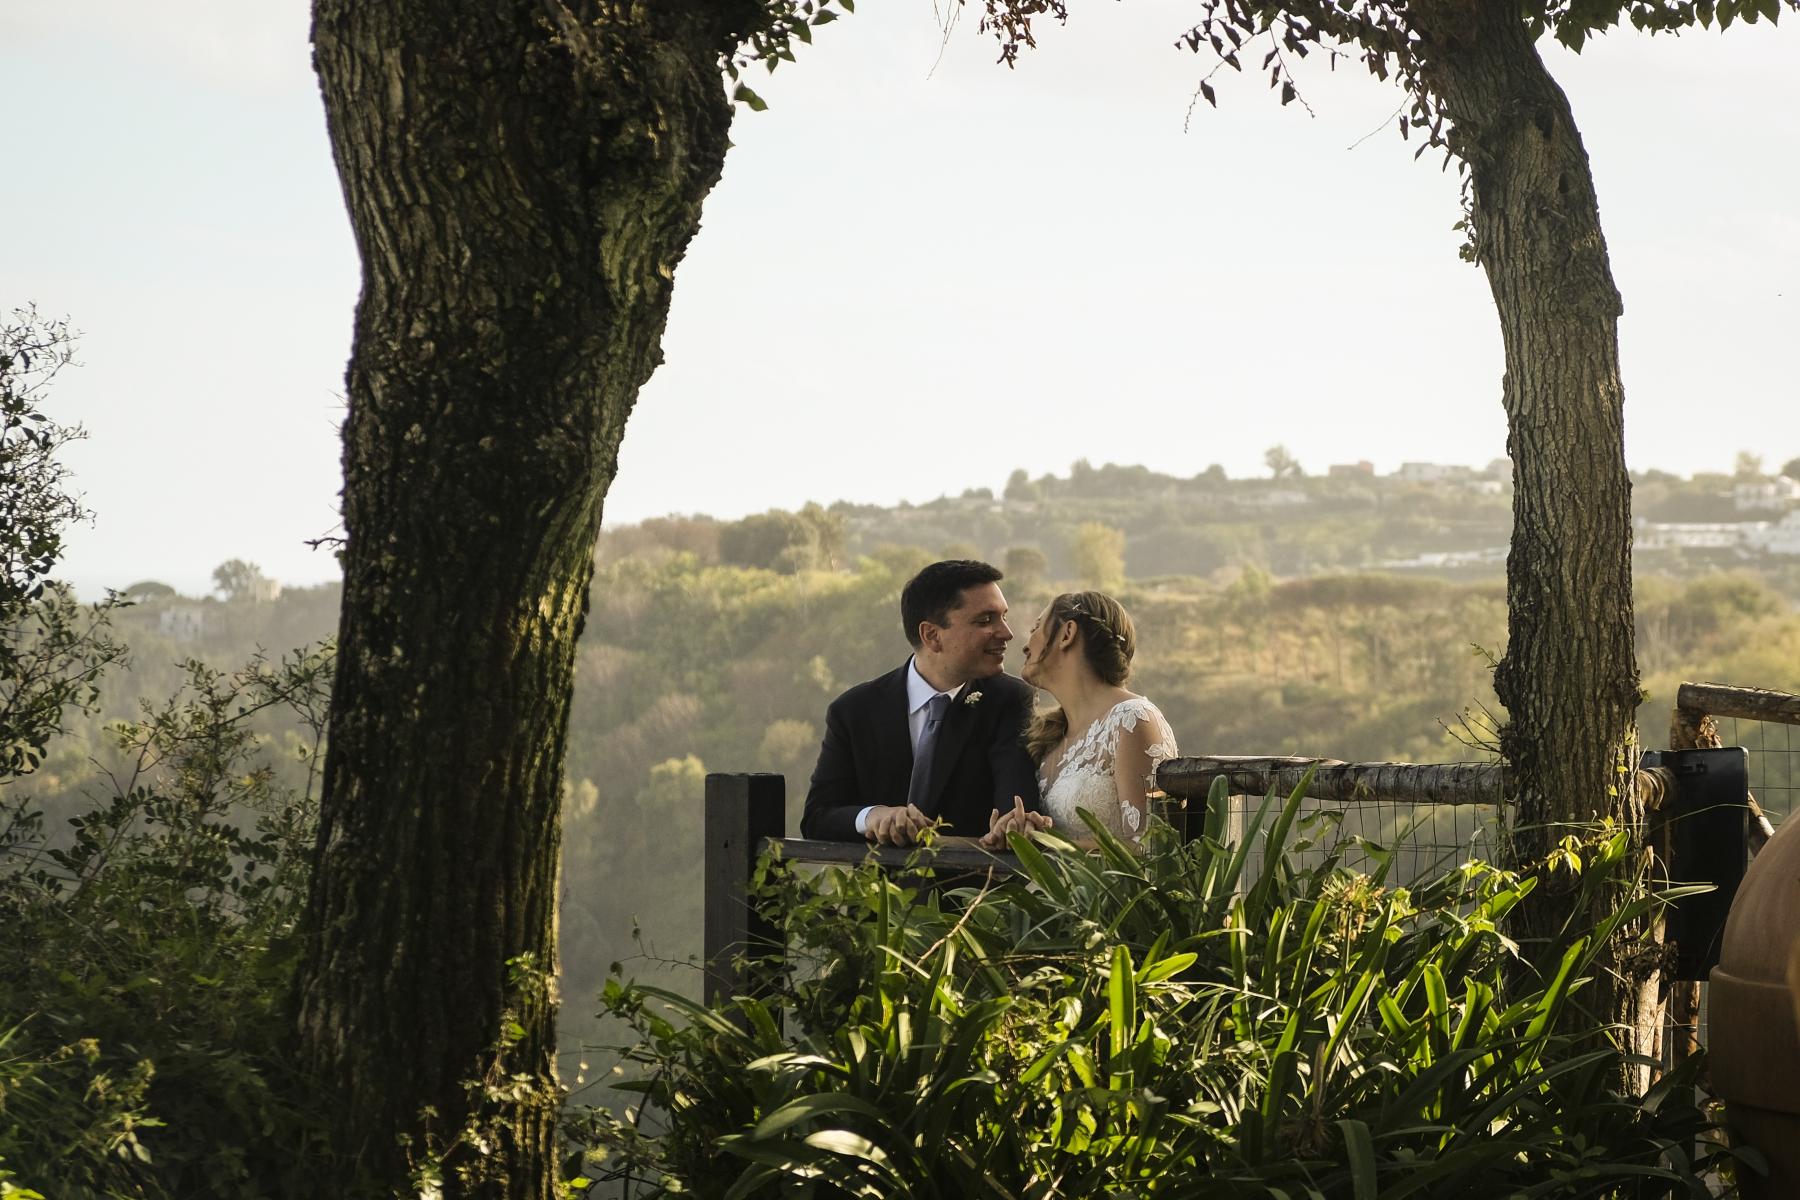 matrimonio_giardino_BaiadeiCesari_blineventi-14